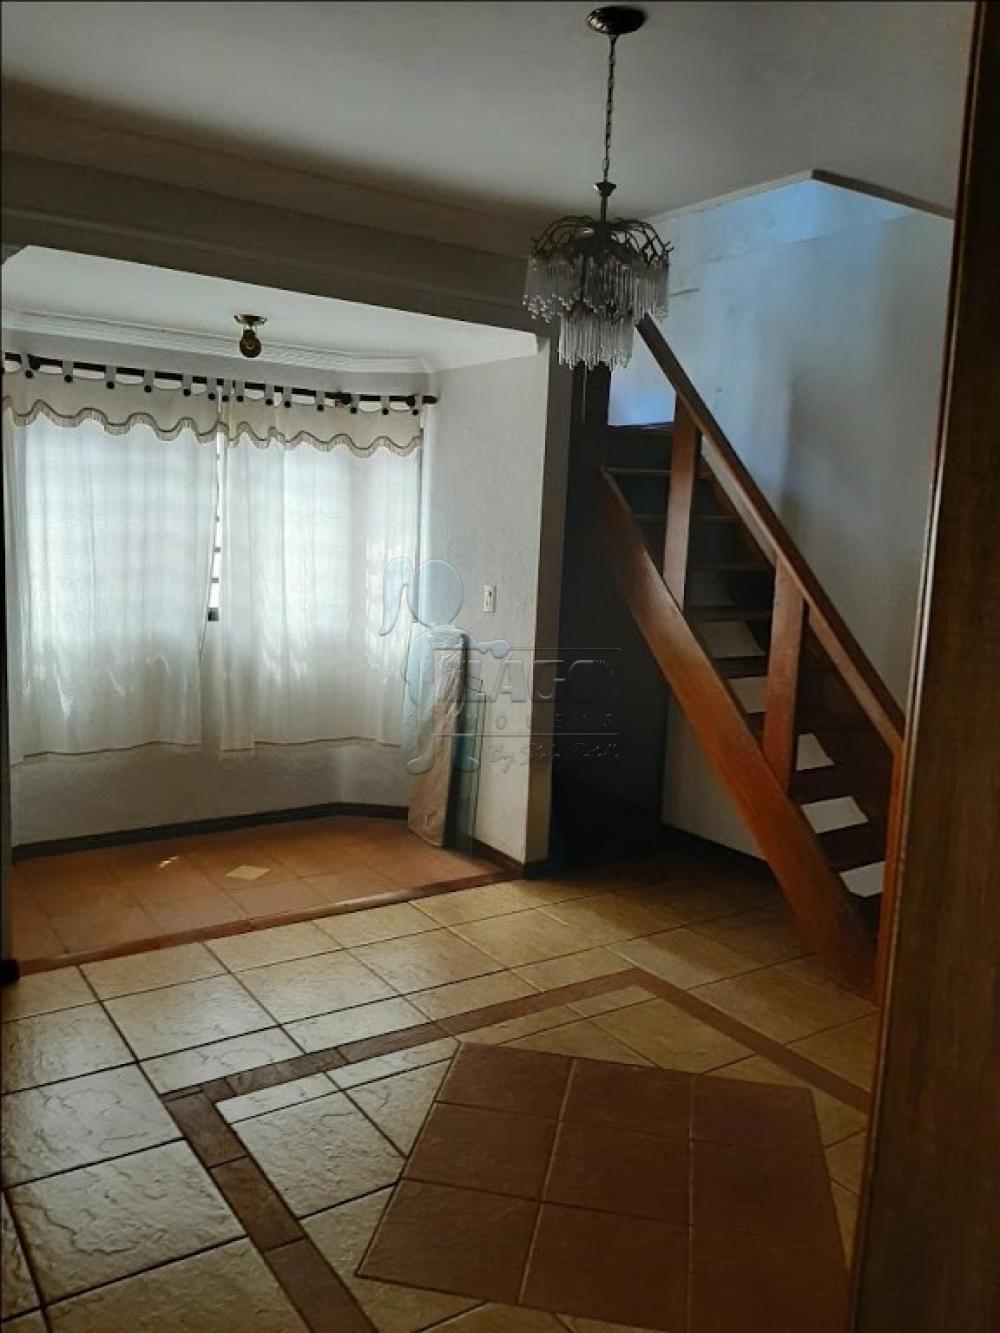 Comprar Casas / Padrão em Ribeirão Preto apenas R$ 490.000,00 - Foto 2